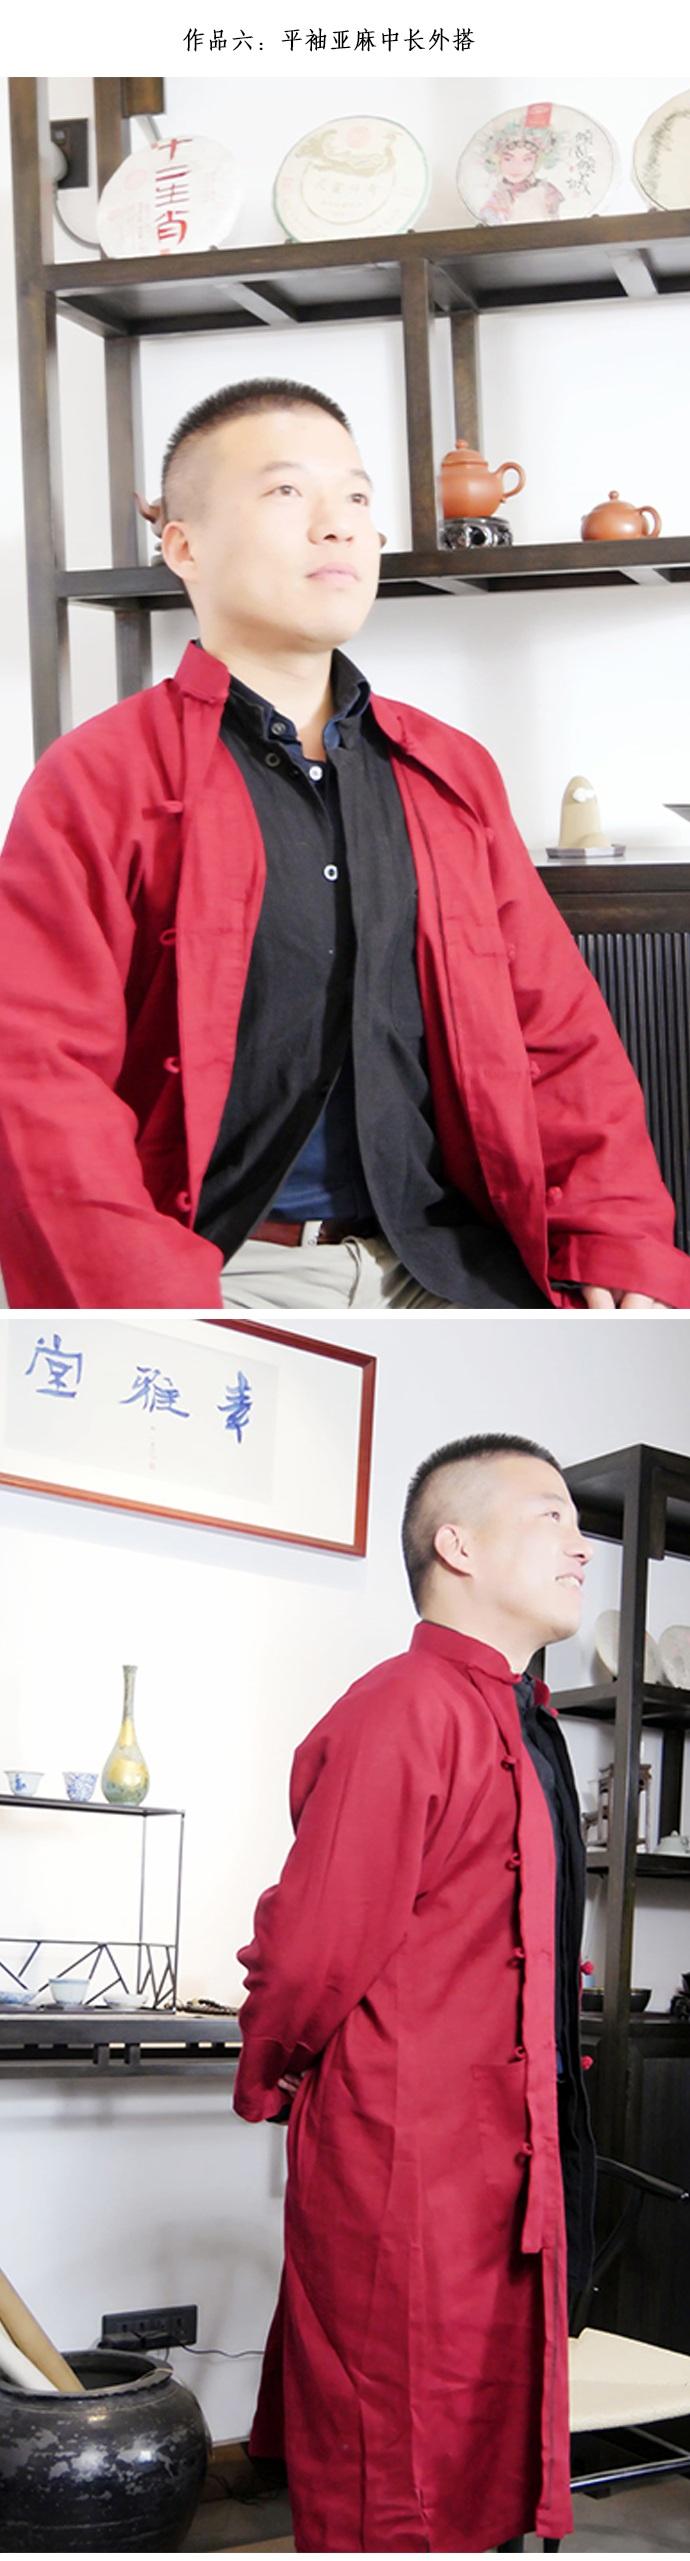 古法手制中式男装工艺技法